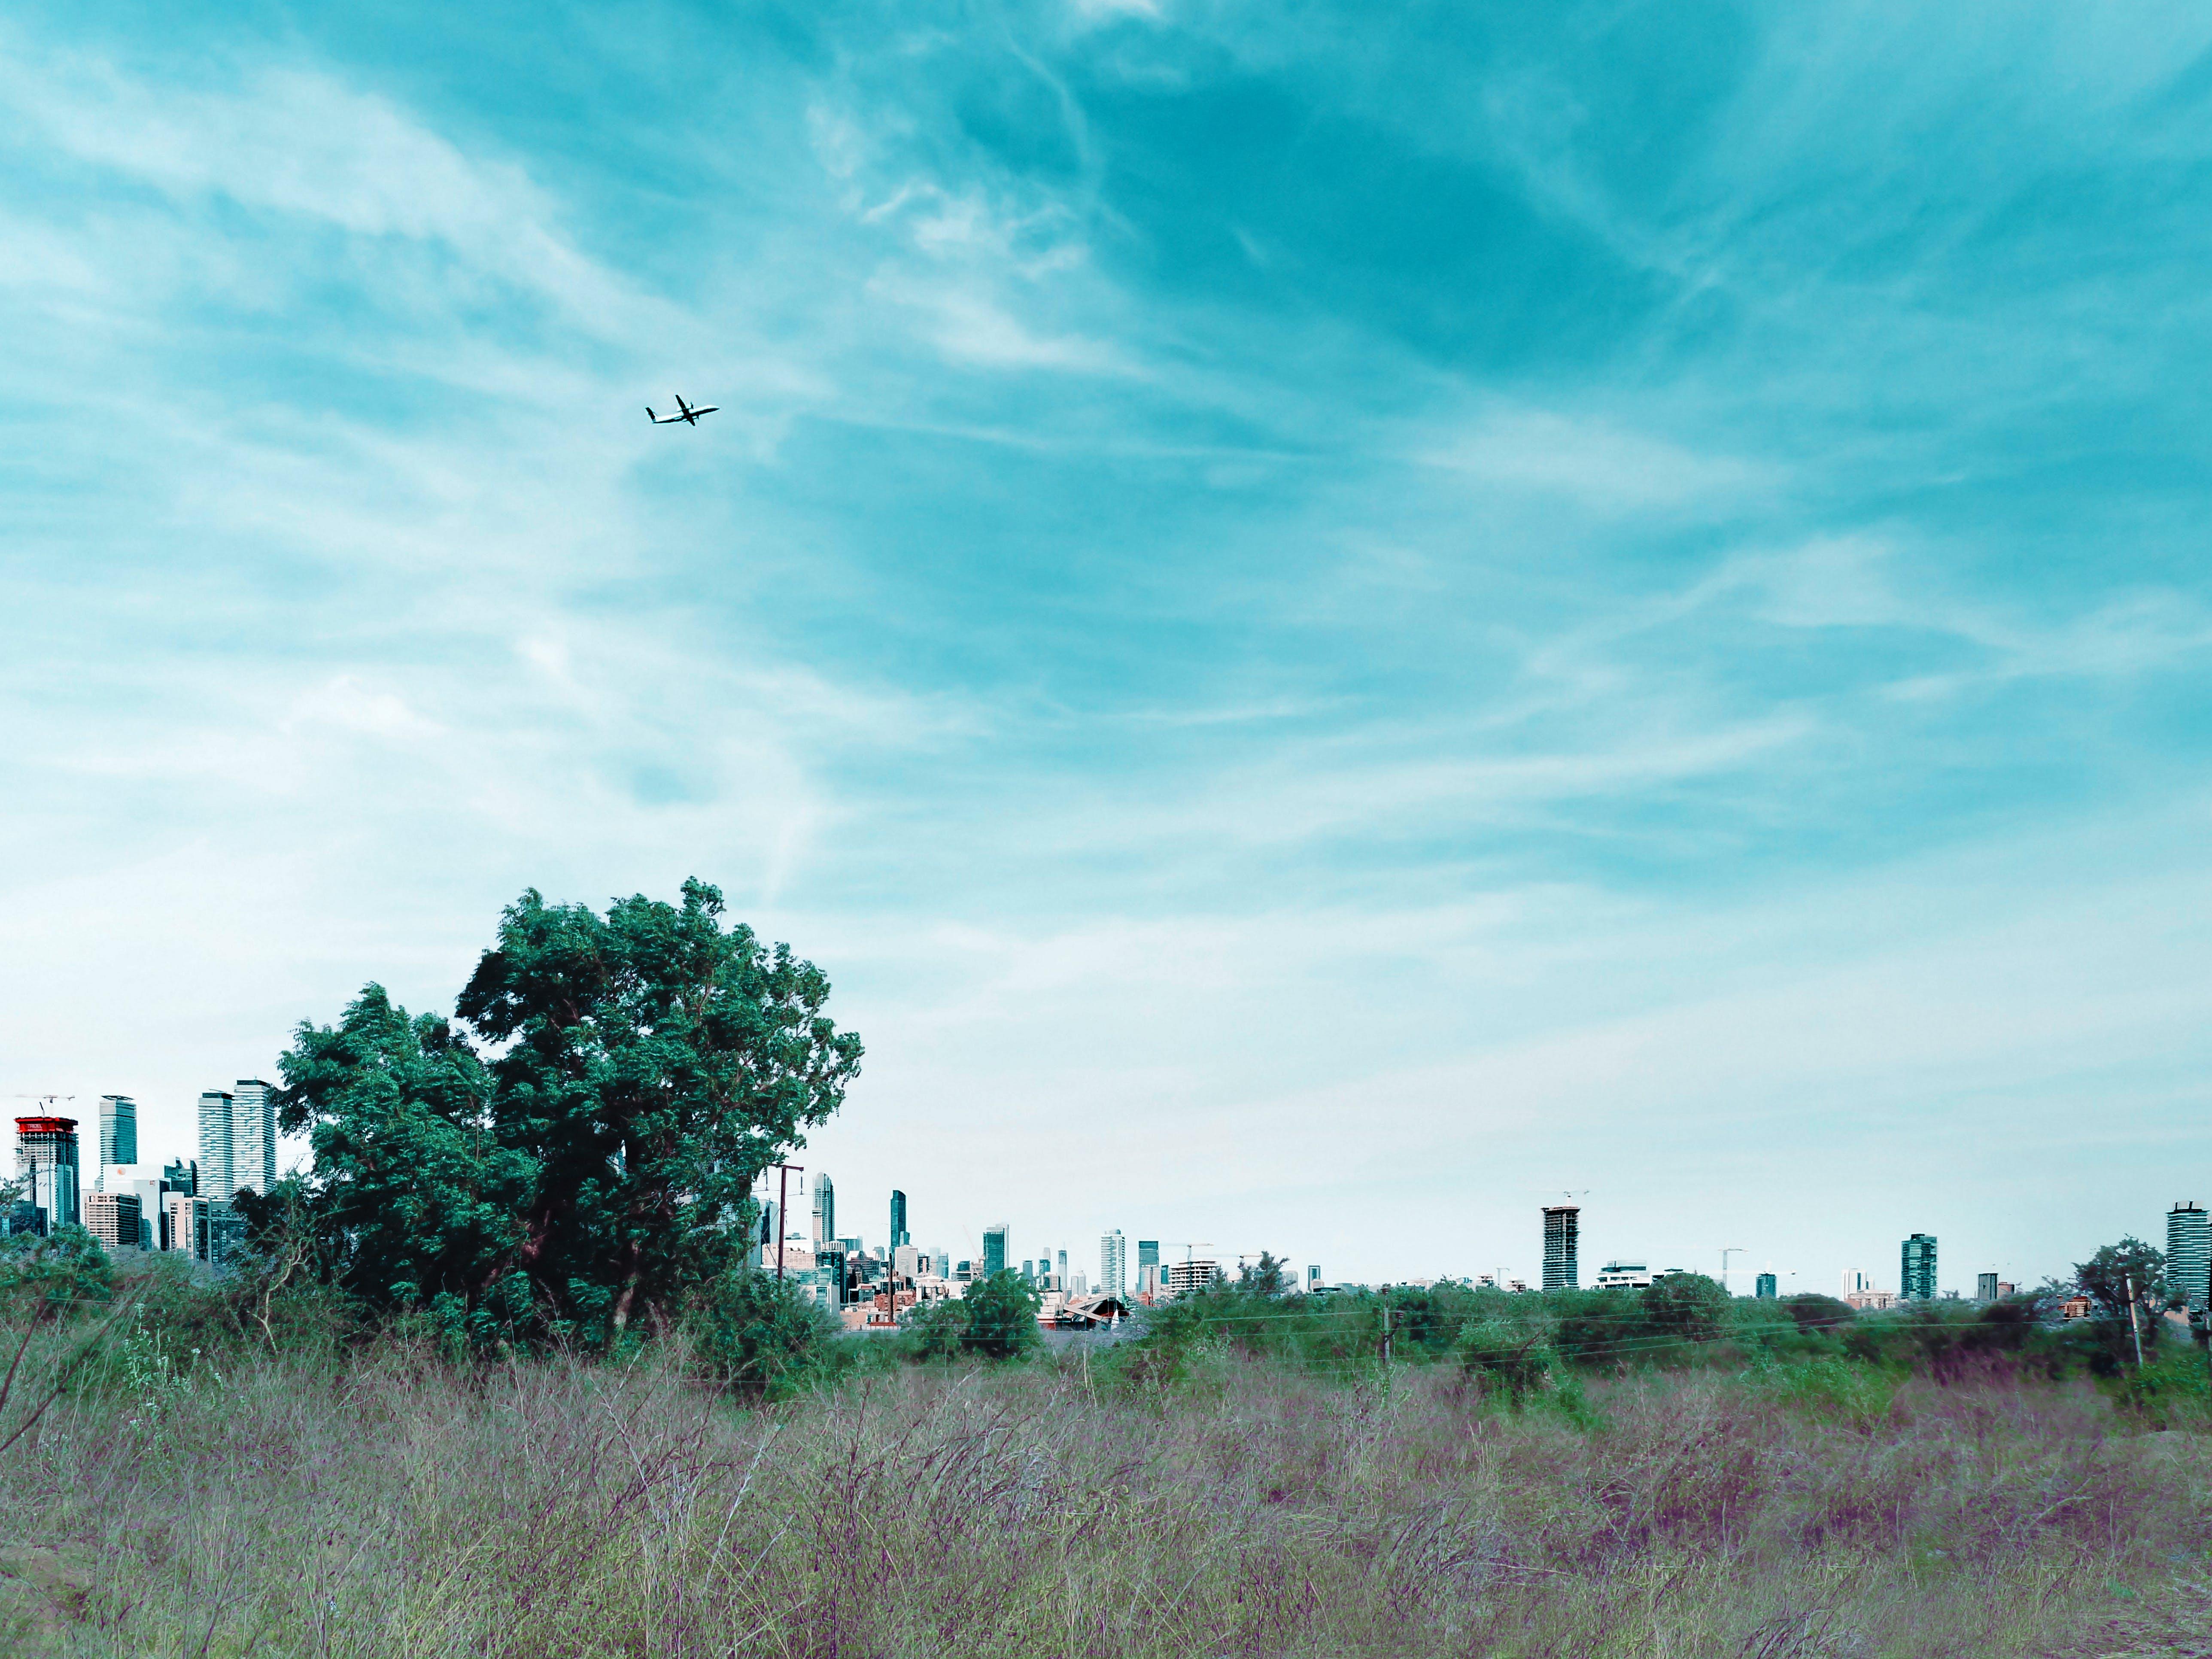 Free stock photo of big city, blue sky, city, city center